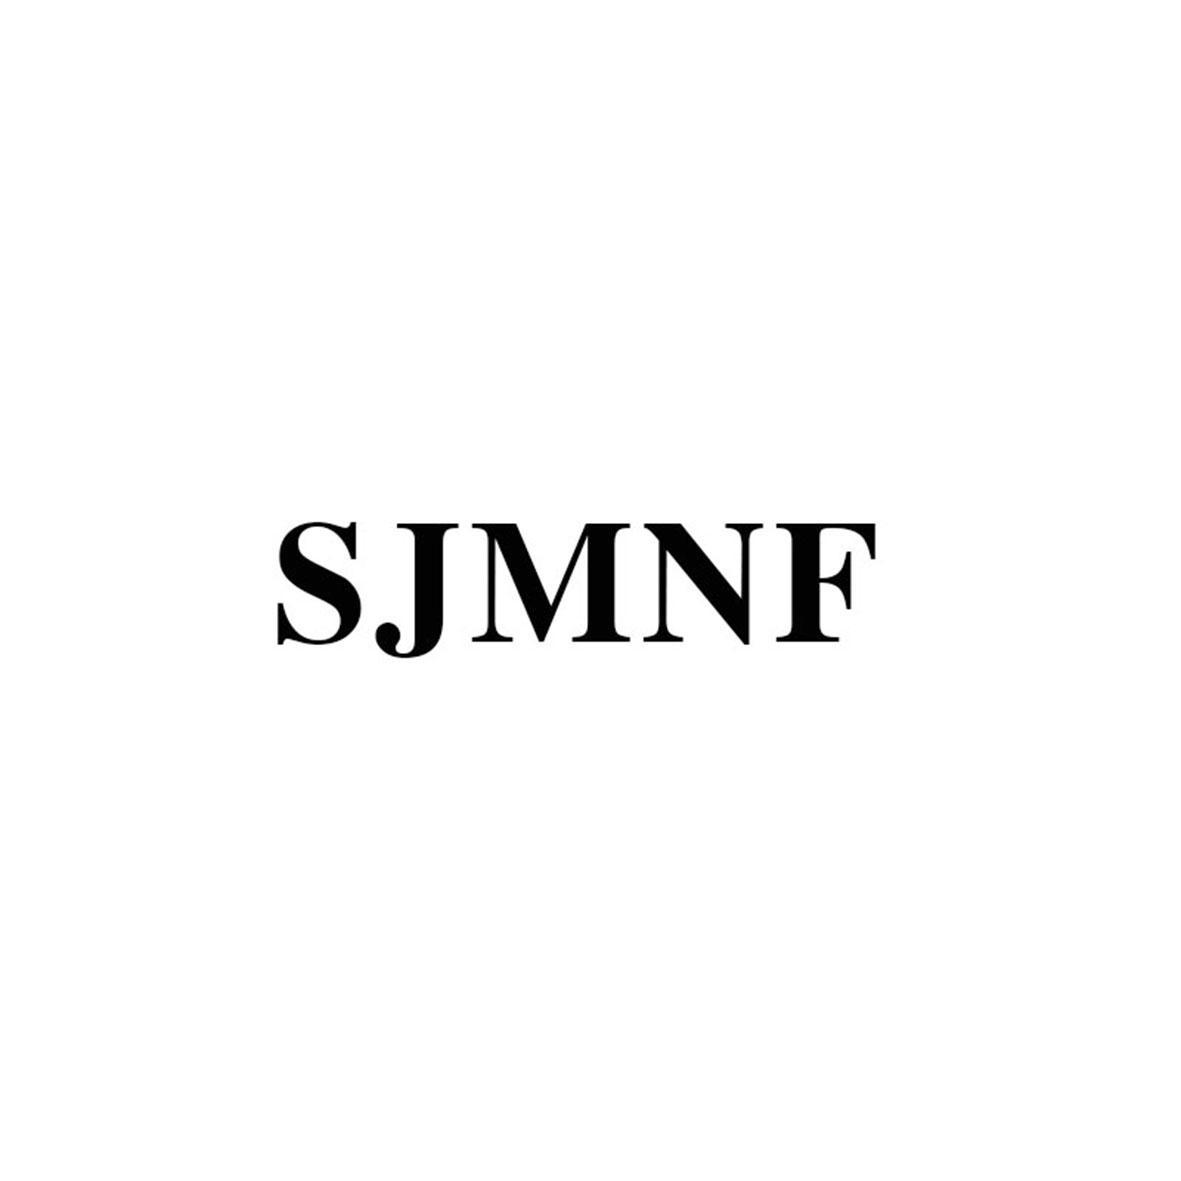 SJMNF